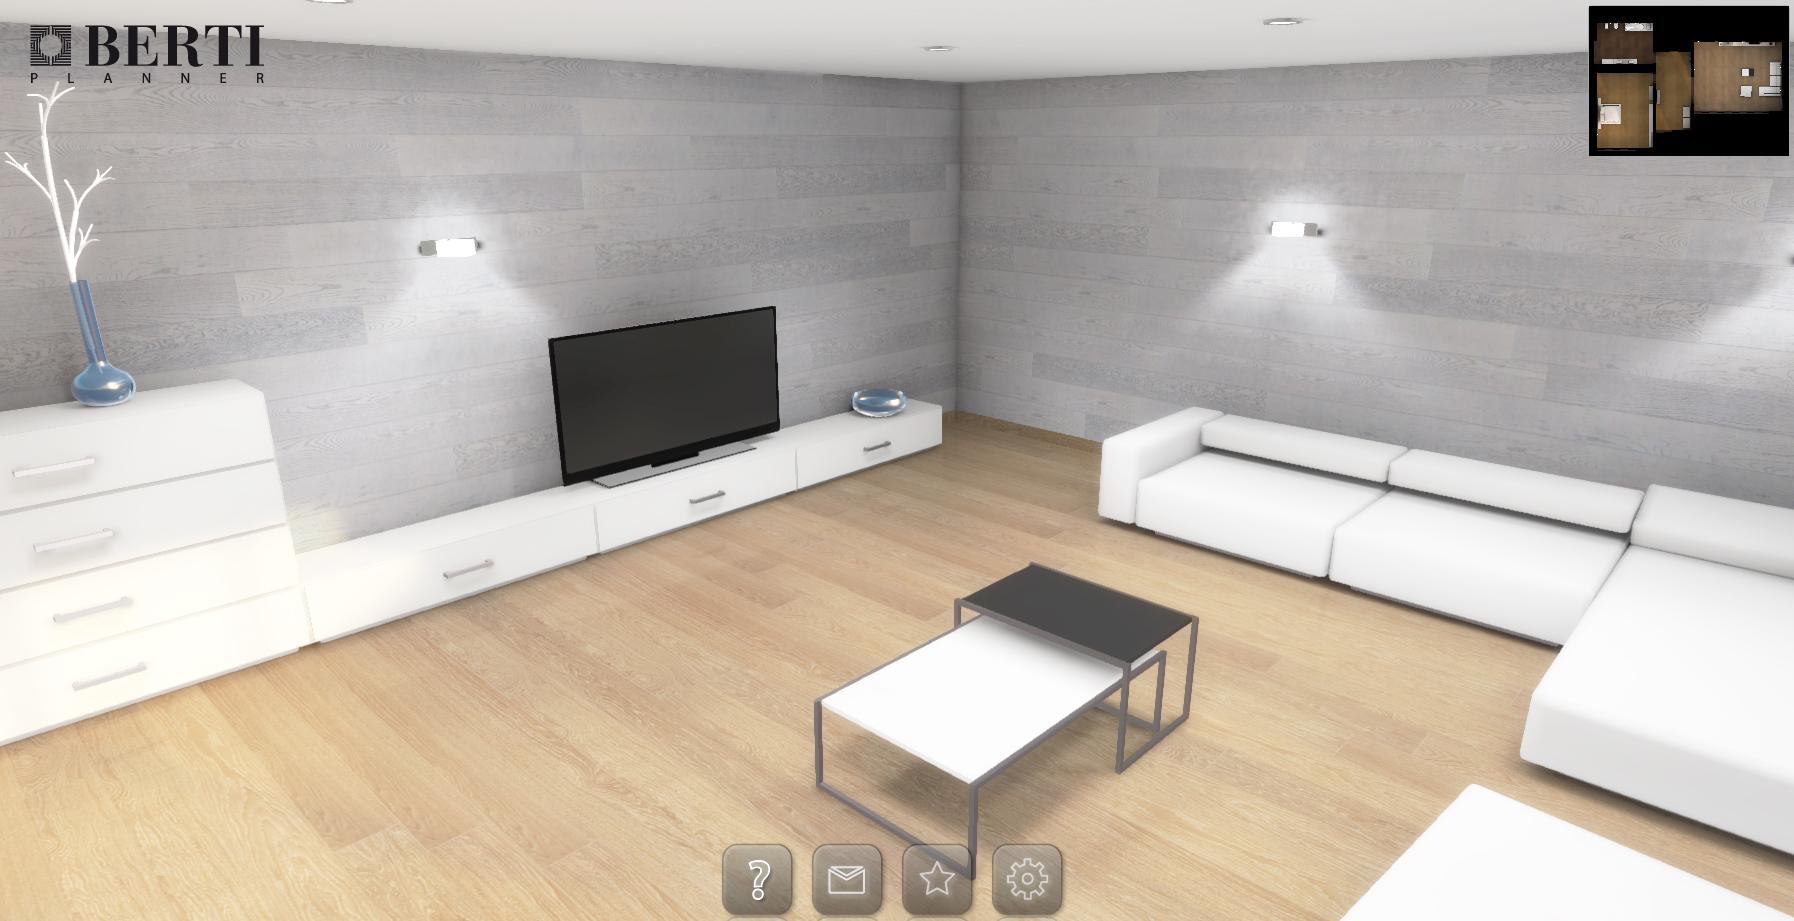 Berti planner progetta la tua nuova casa berti for Progetta la tua casa virtuale